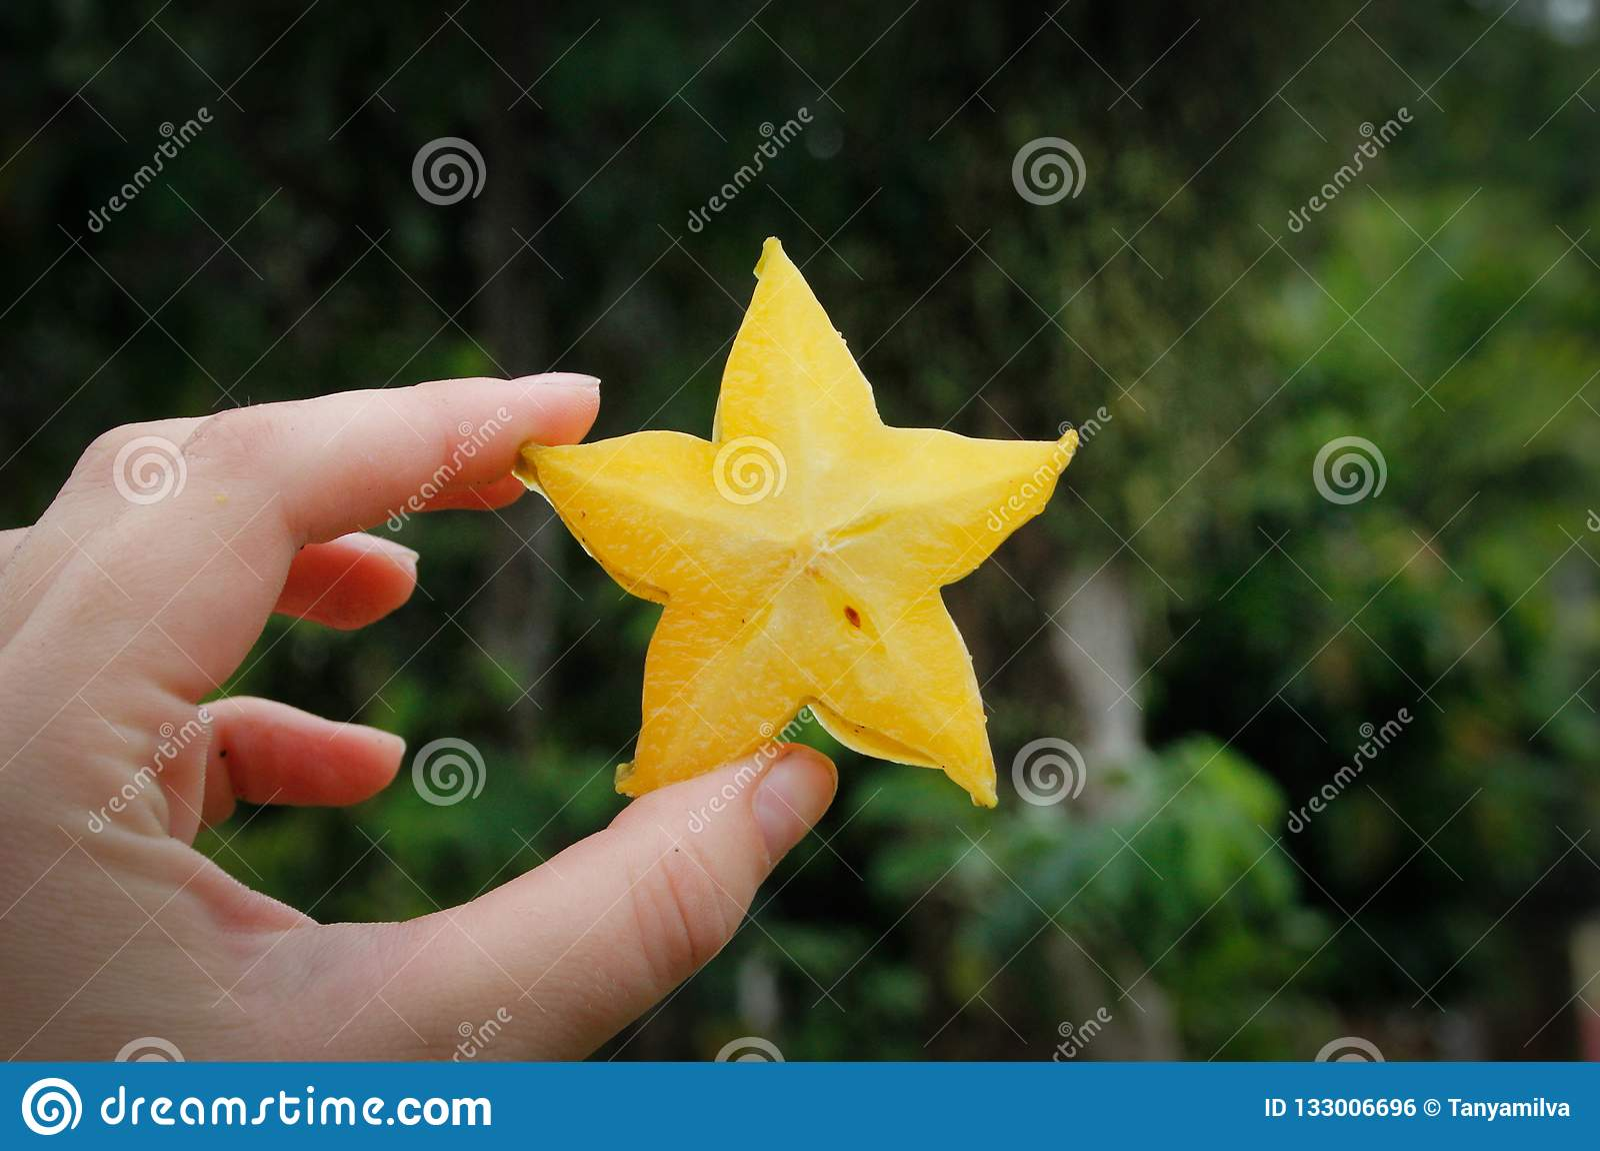 Corte una rebanada de fruta de estrella a disposición